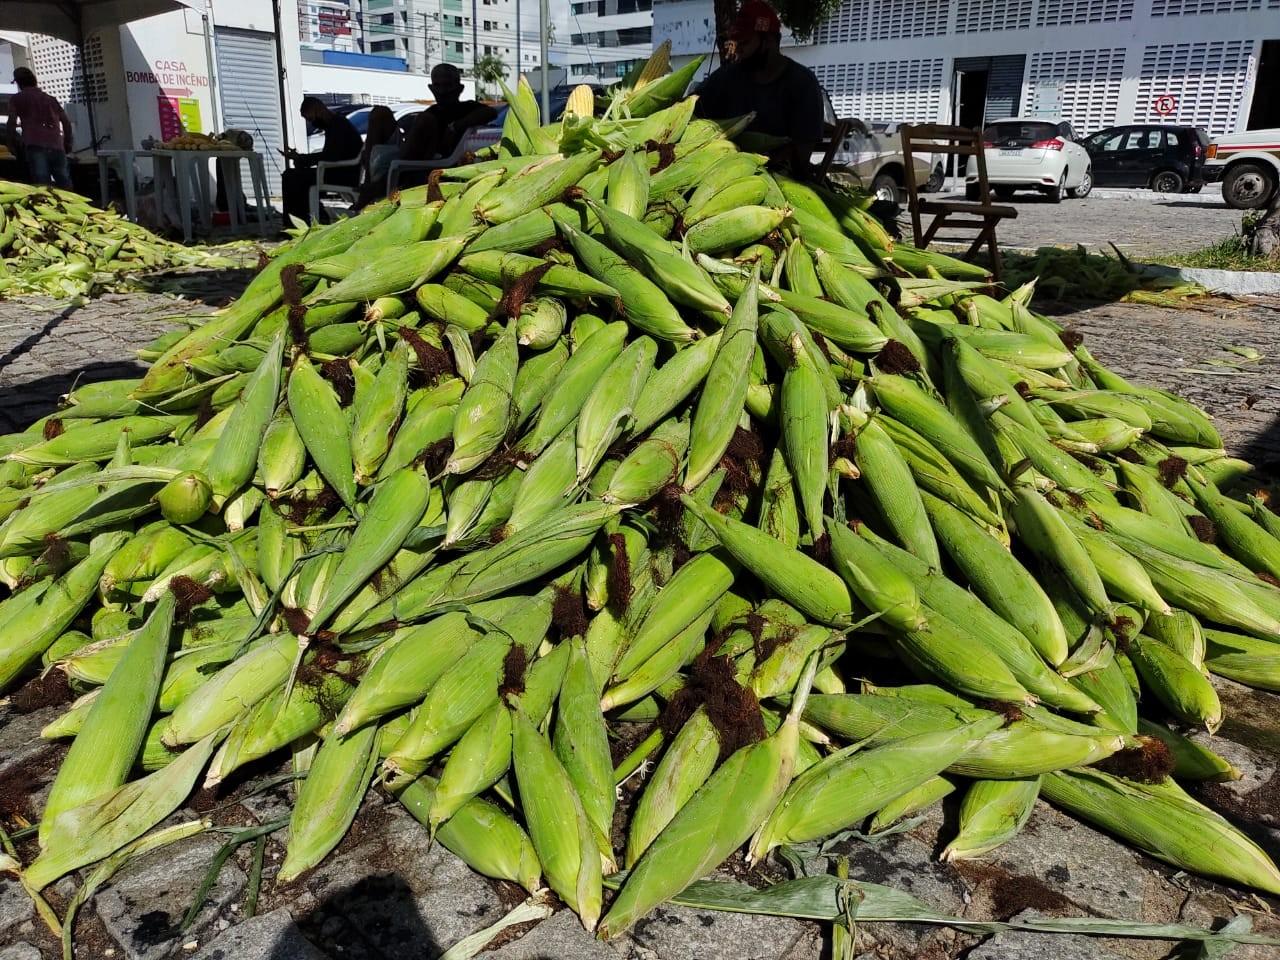 Sem festas juninas por causa da pandemia, venda de milho aumenta em Maceió